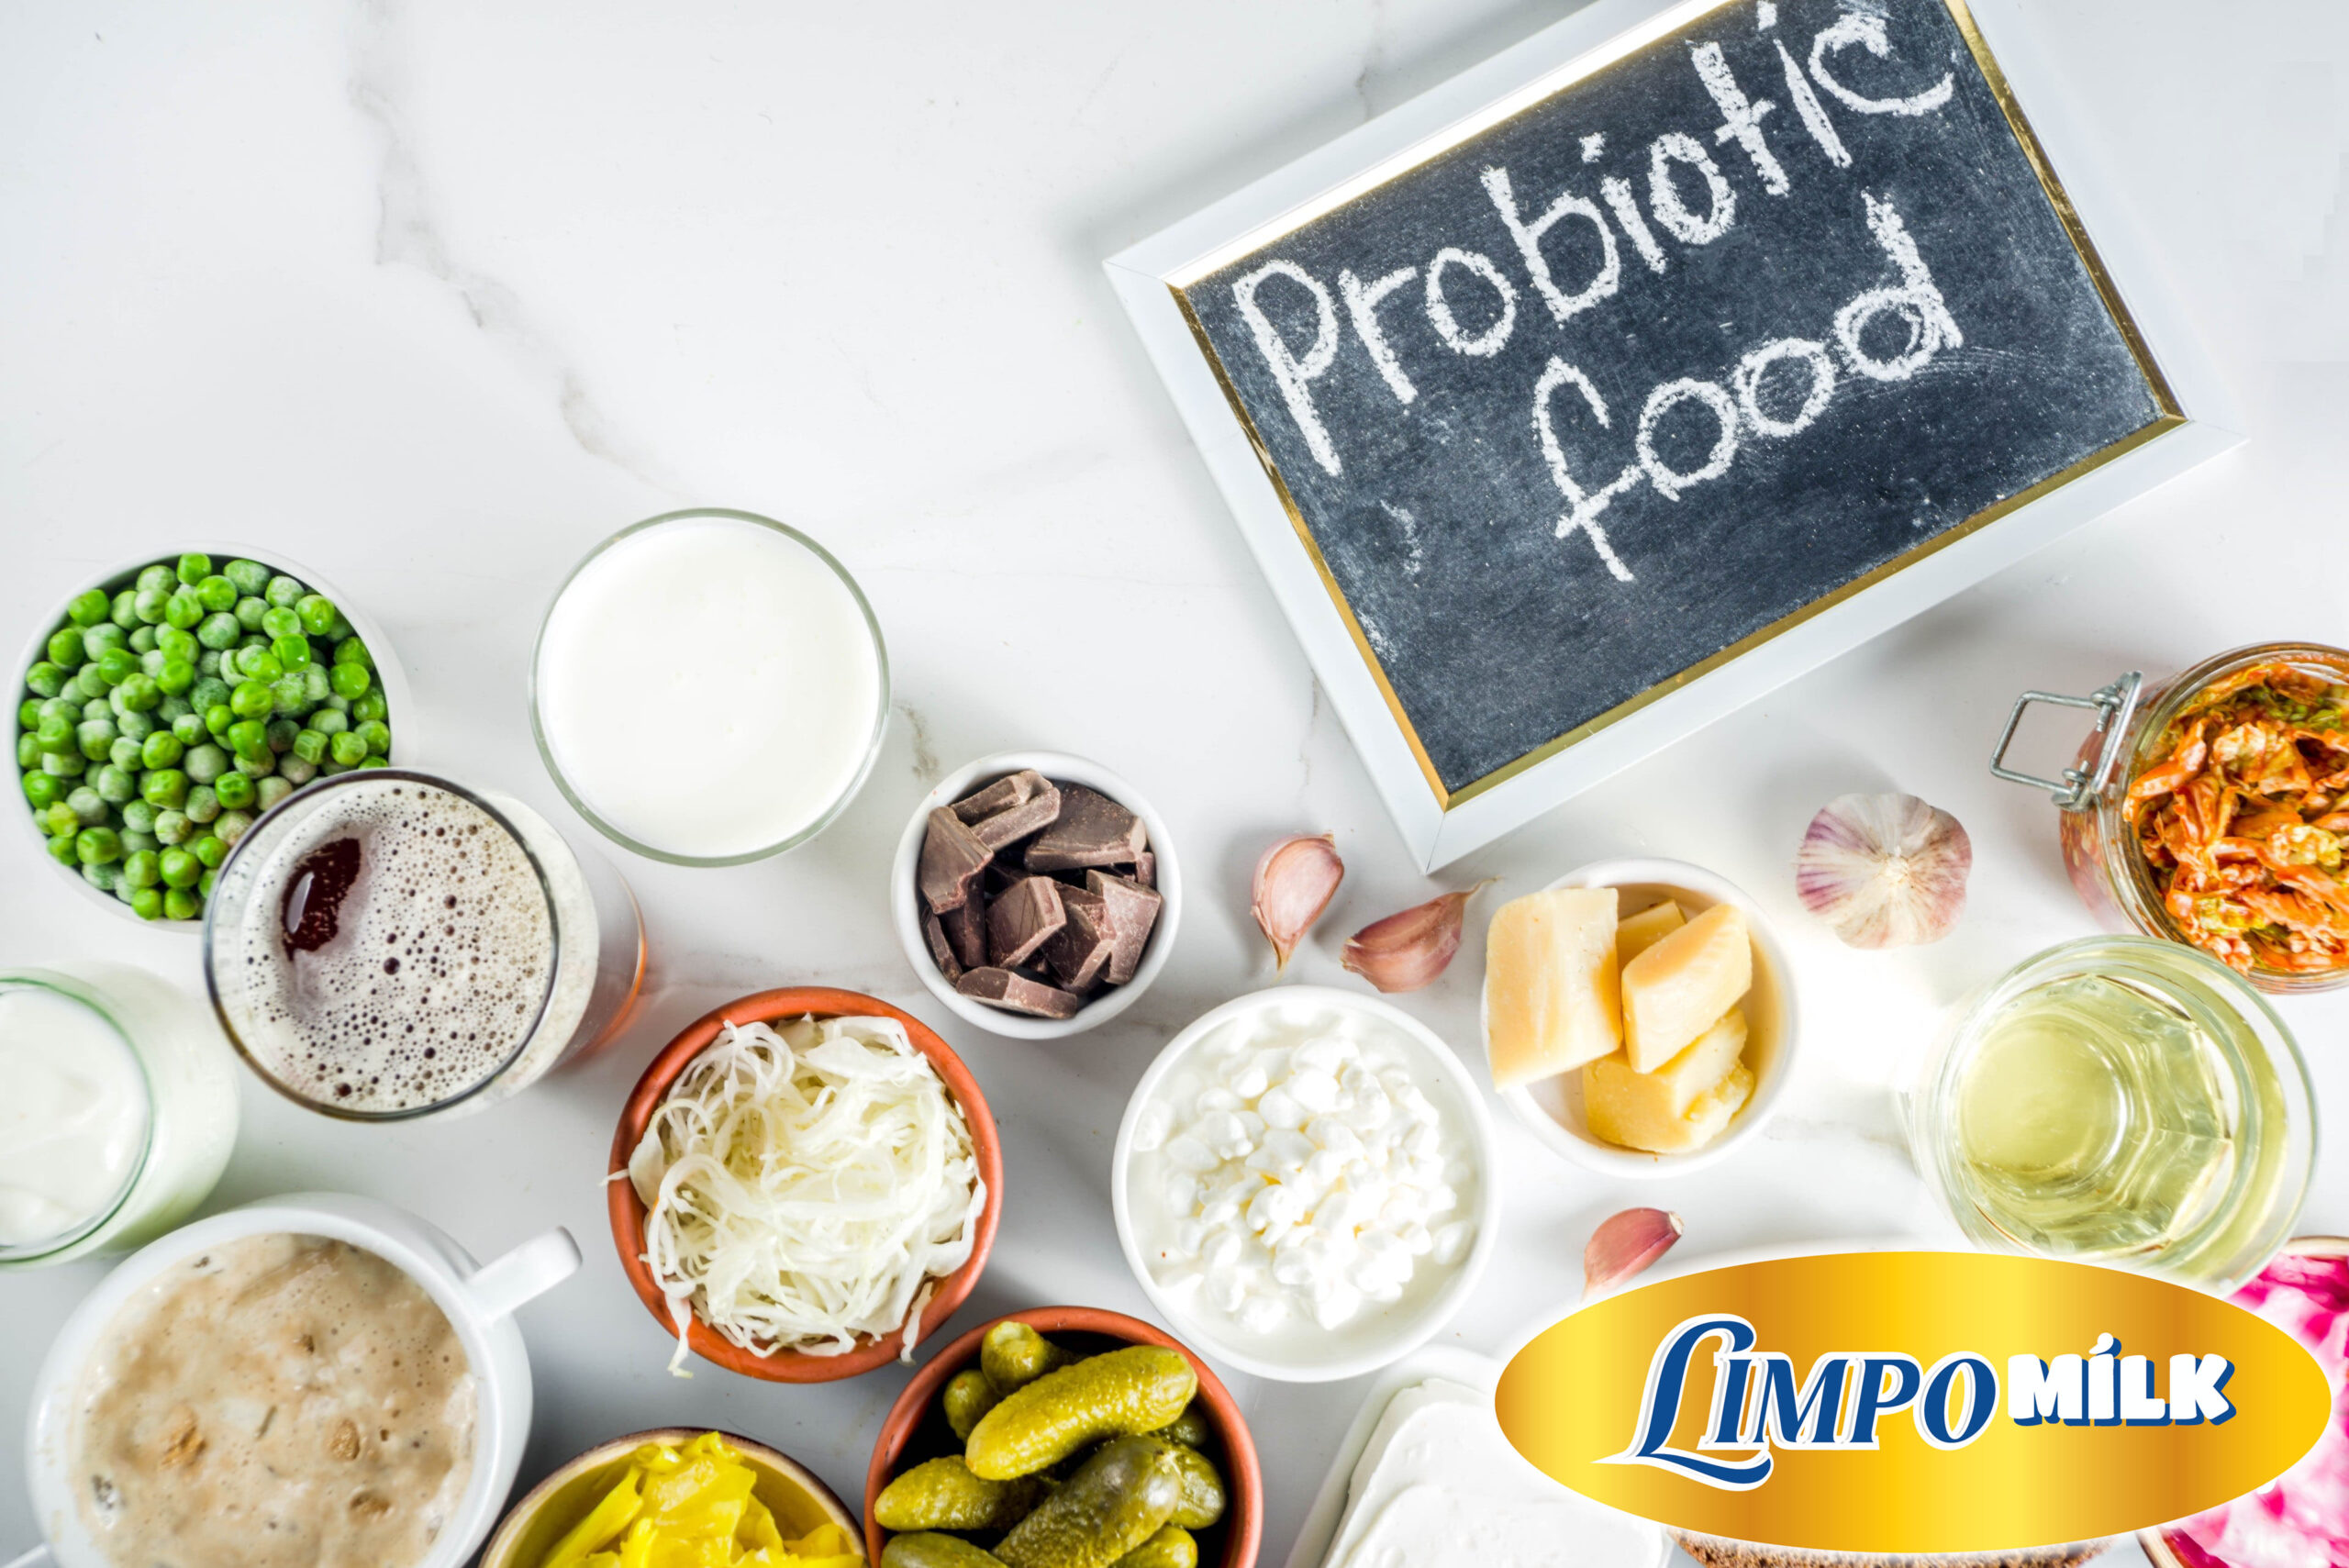 Đồ ăn có chứa probiotic.